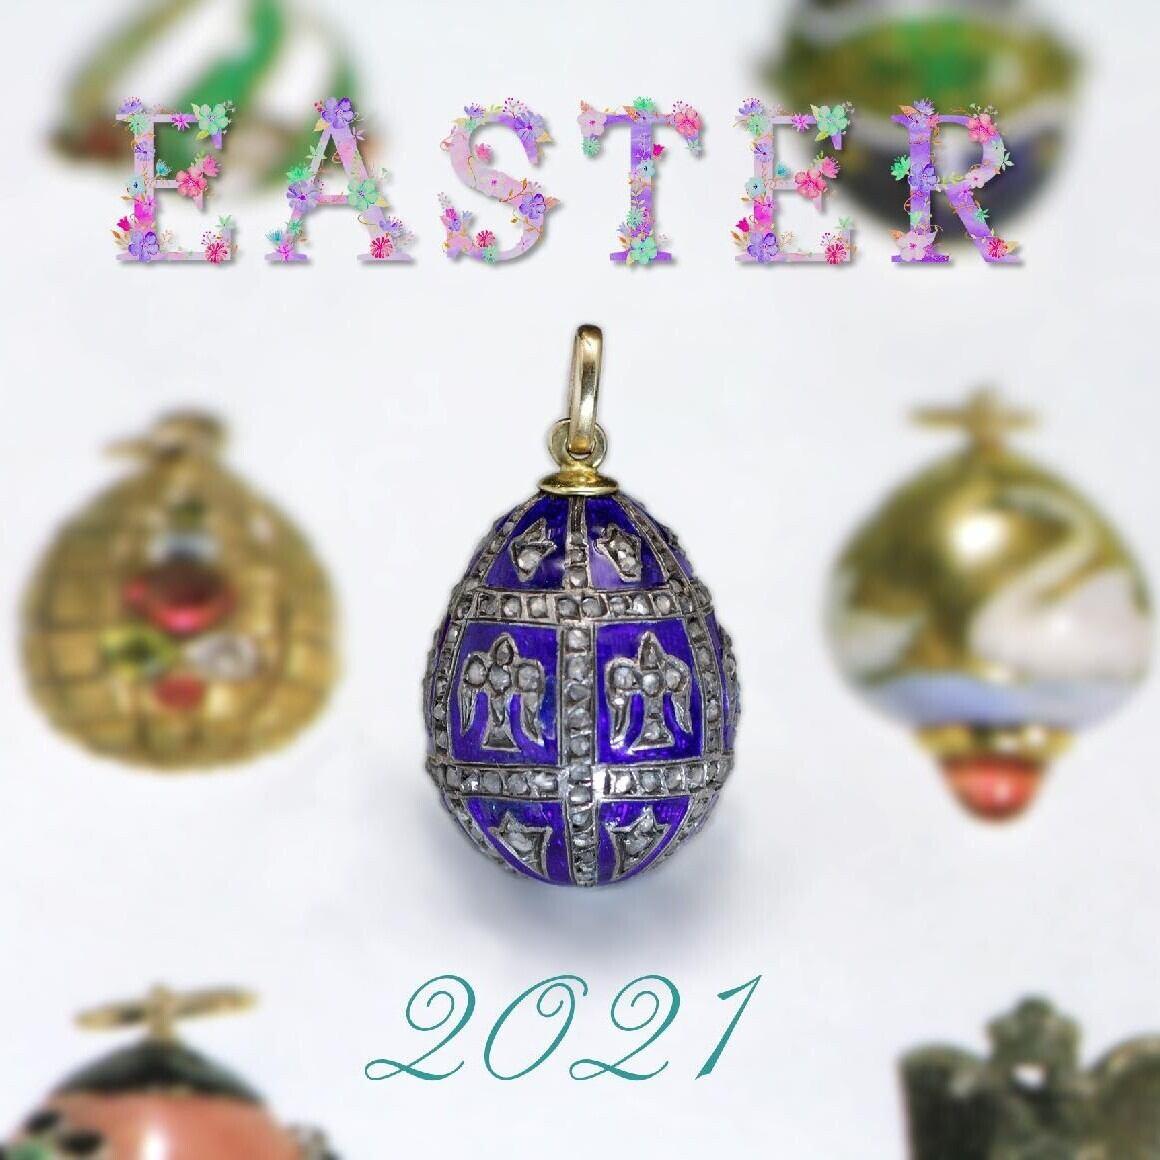 Fabergé Easter egg Pendant ファベルジェ イースターエッグペンダント